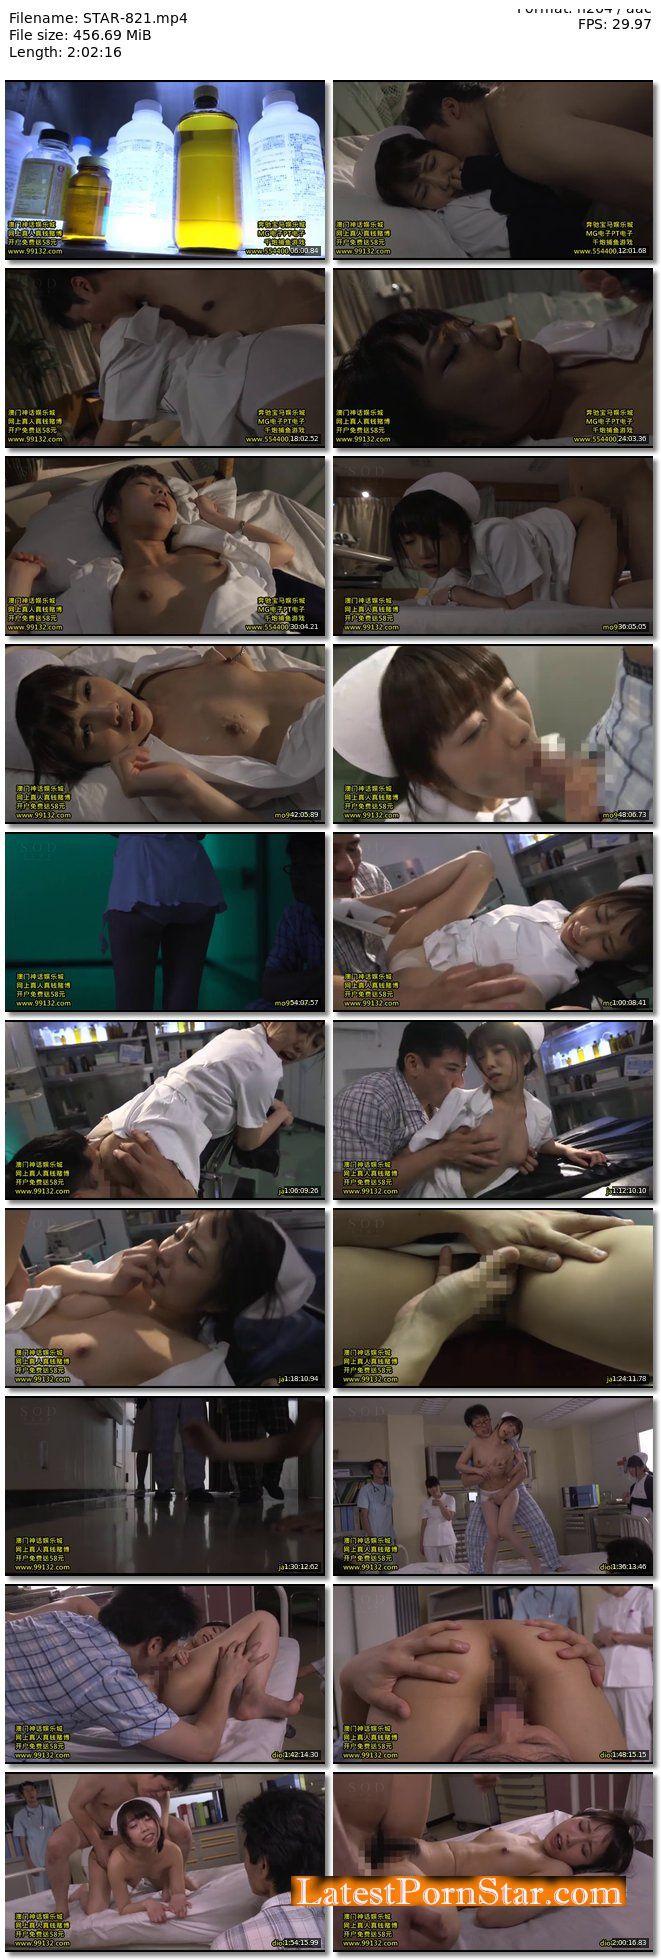 [STAR-821] 戸田真琴 ストーカー化した患者に嵌められた結婚間近の美人ナース